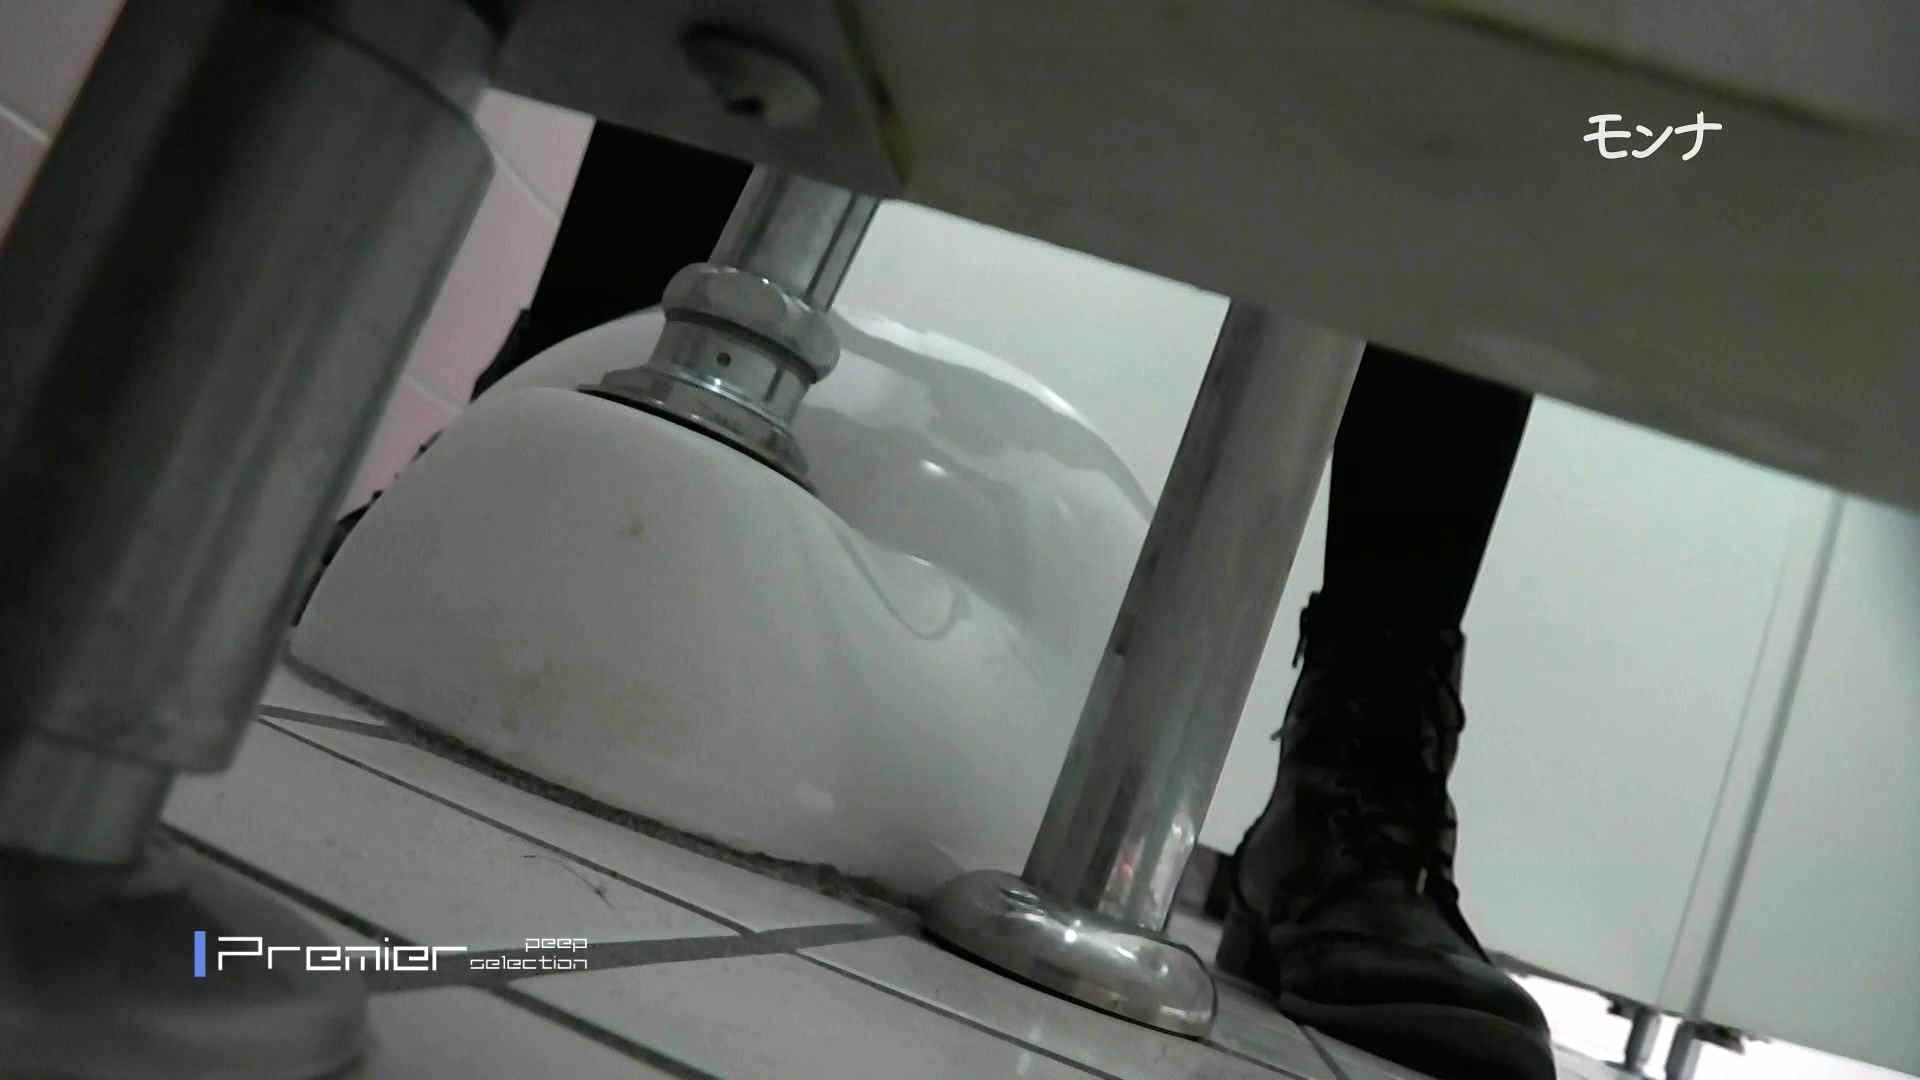 遂に!!戸田恵梨香似の予告モデル登場ダッシュで「大」 むっちりガール AV動画キャプチャ 84枚 49